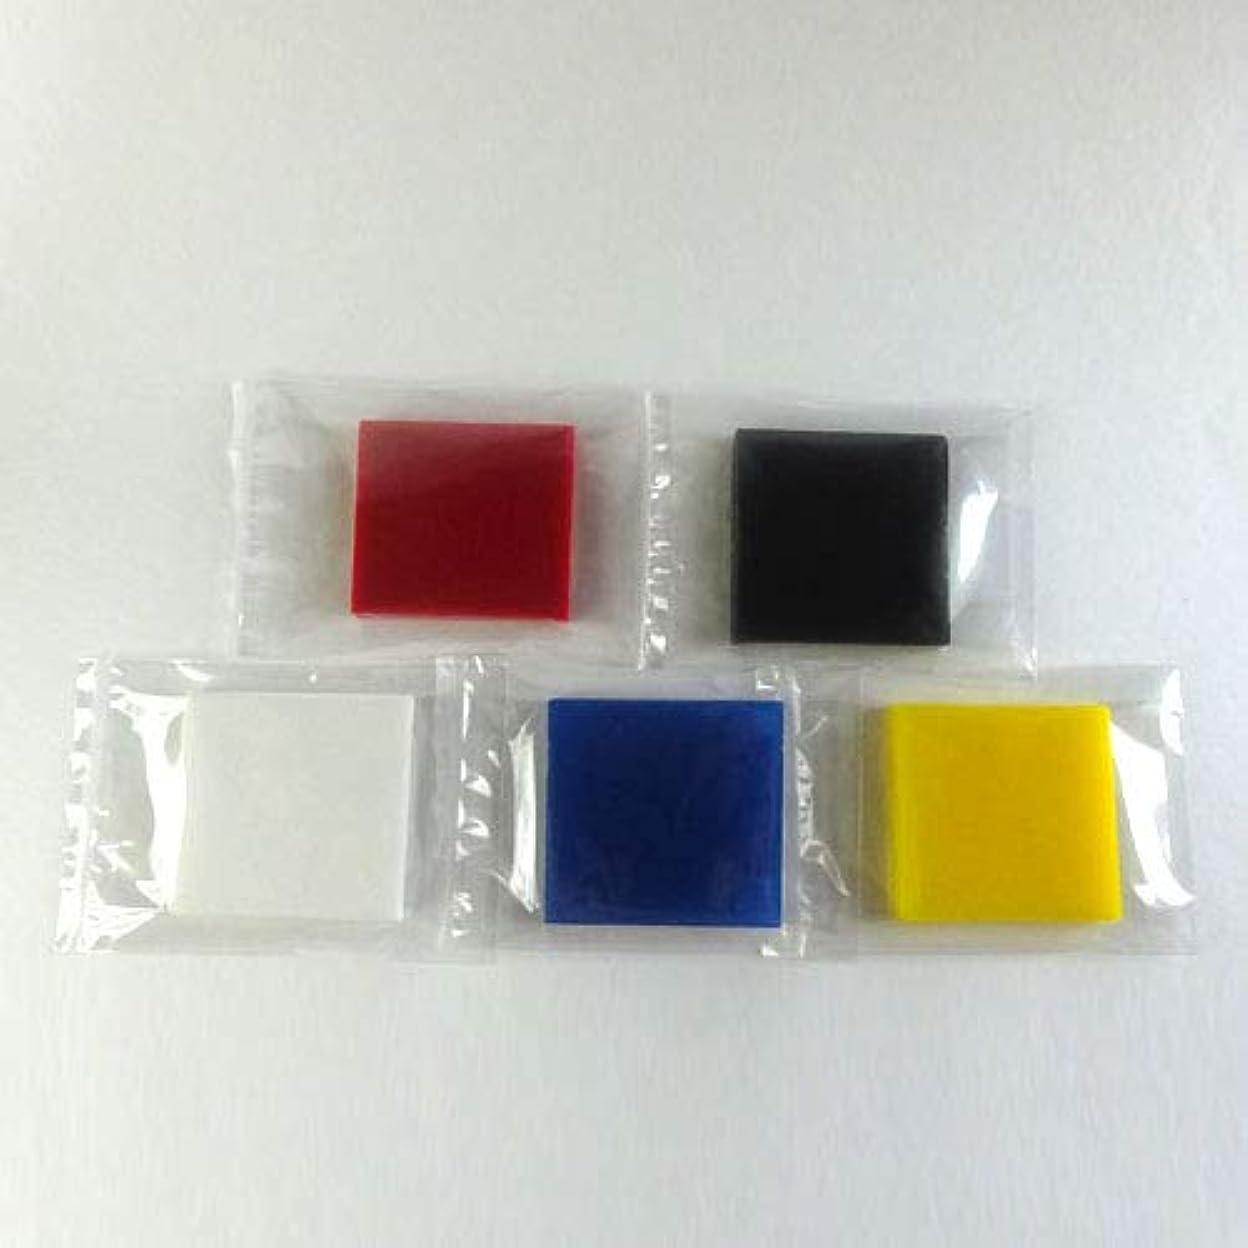 影響力のある泣いている絶望的なグリセリンソープ MPソープ 色チップ 5色(赤?青?黄?白?黒) 各60g(30g x 2pc)